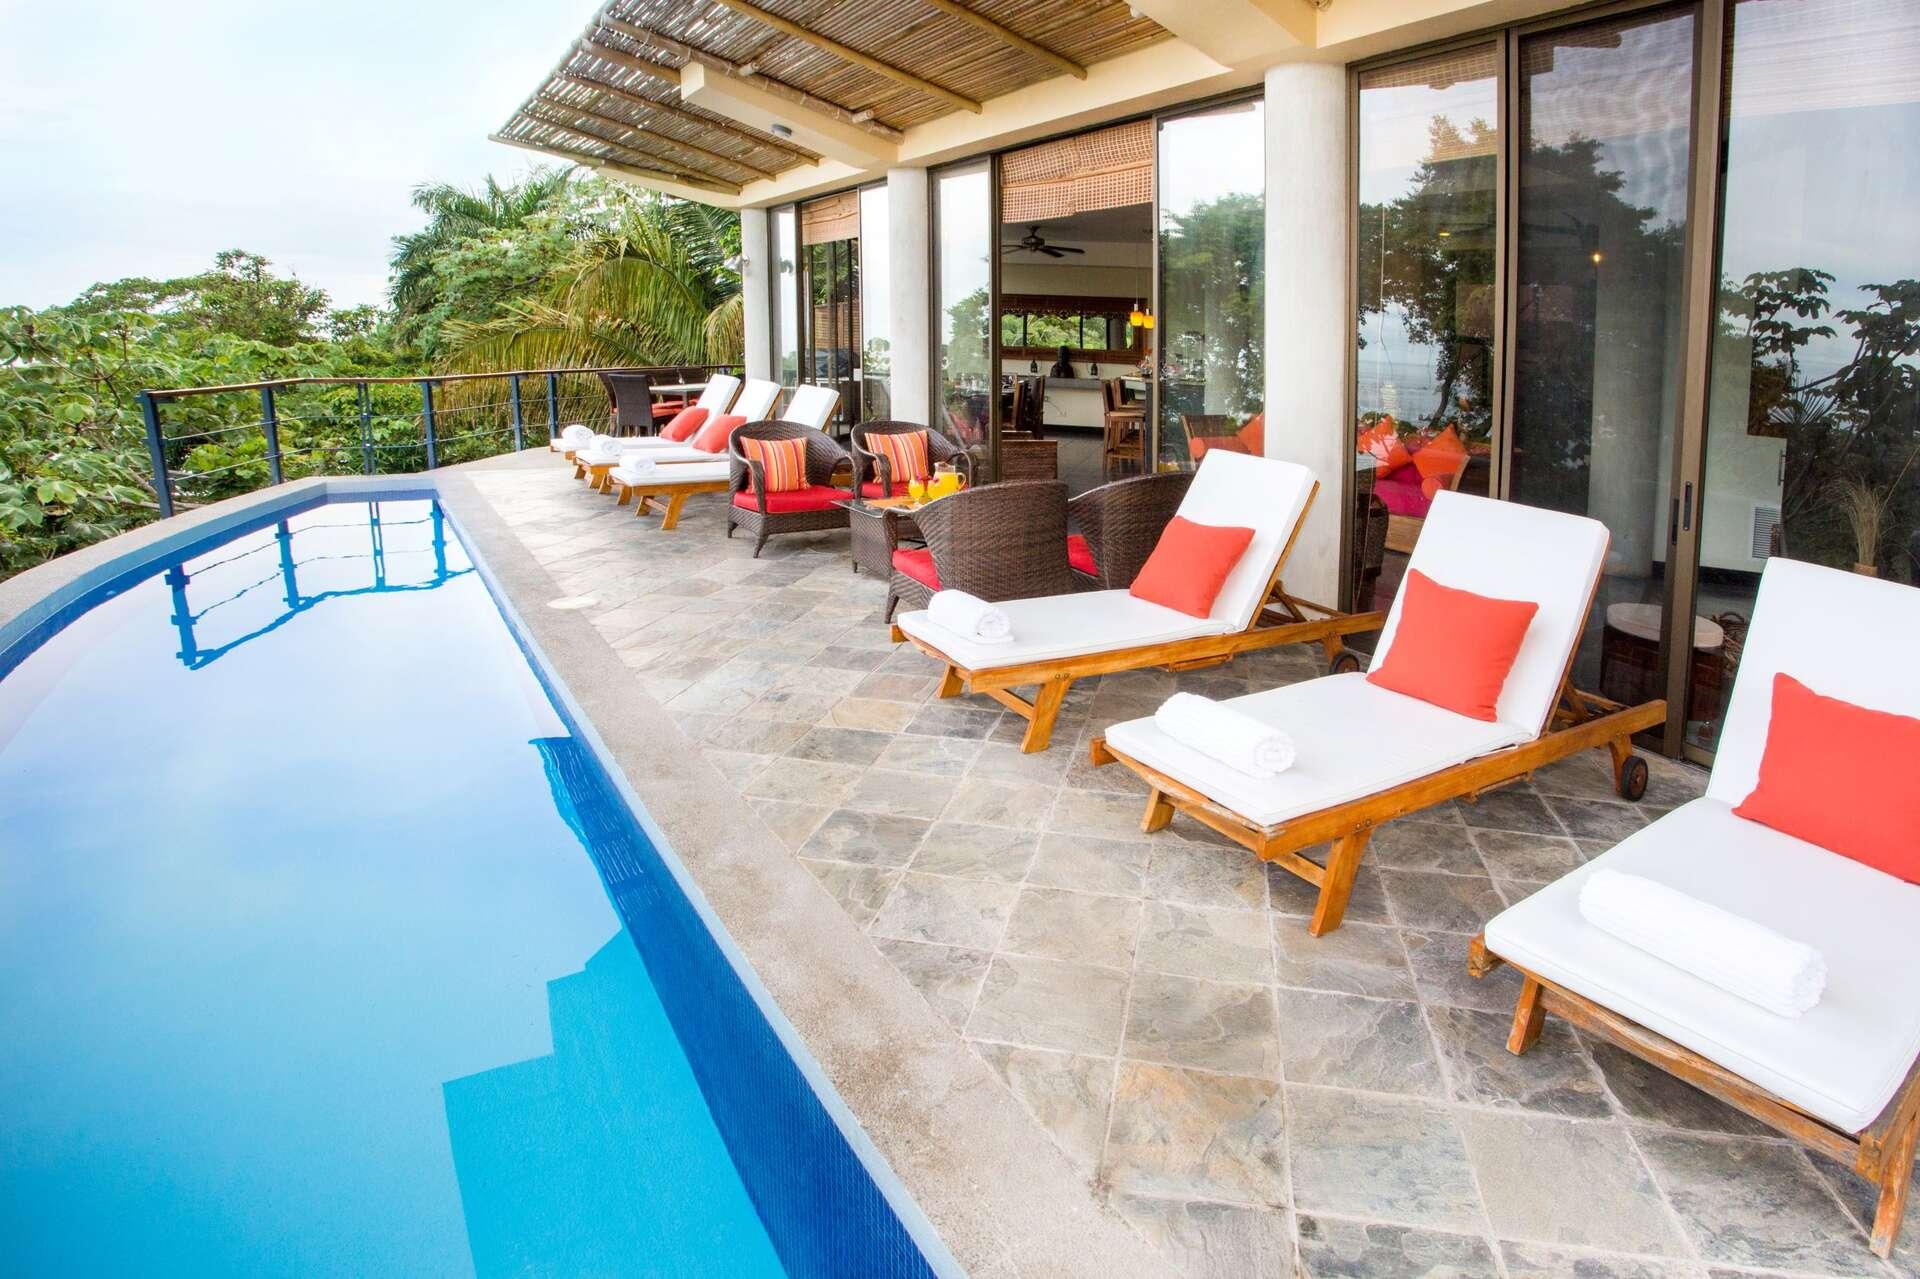 Central america villa rentals - Costa rica - Puntarenas - Manuel antonio - Villa Perezoso - Image 1/34